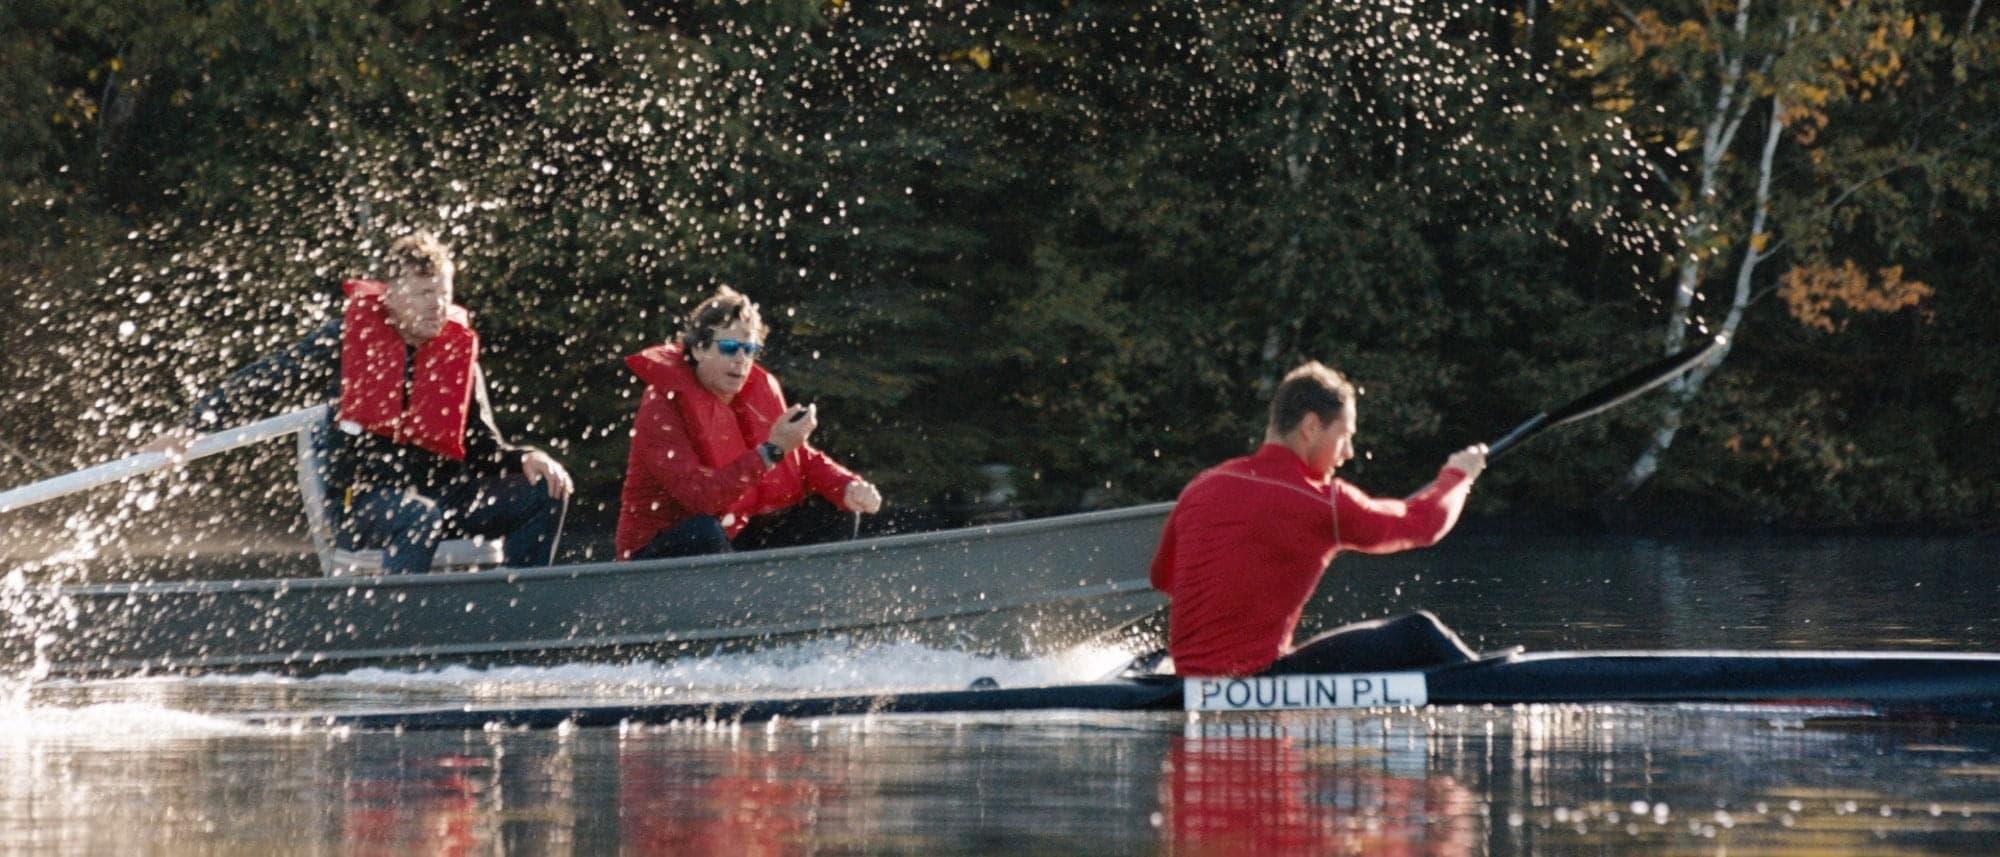 Un kayakiste qui s'entraîne avec son entraîneur